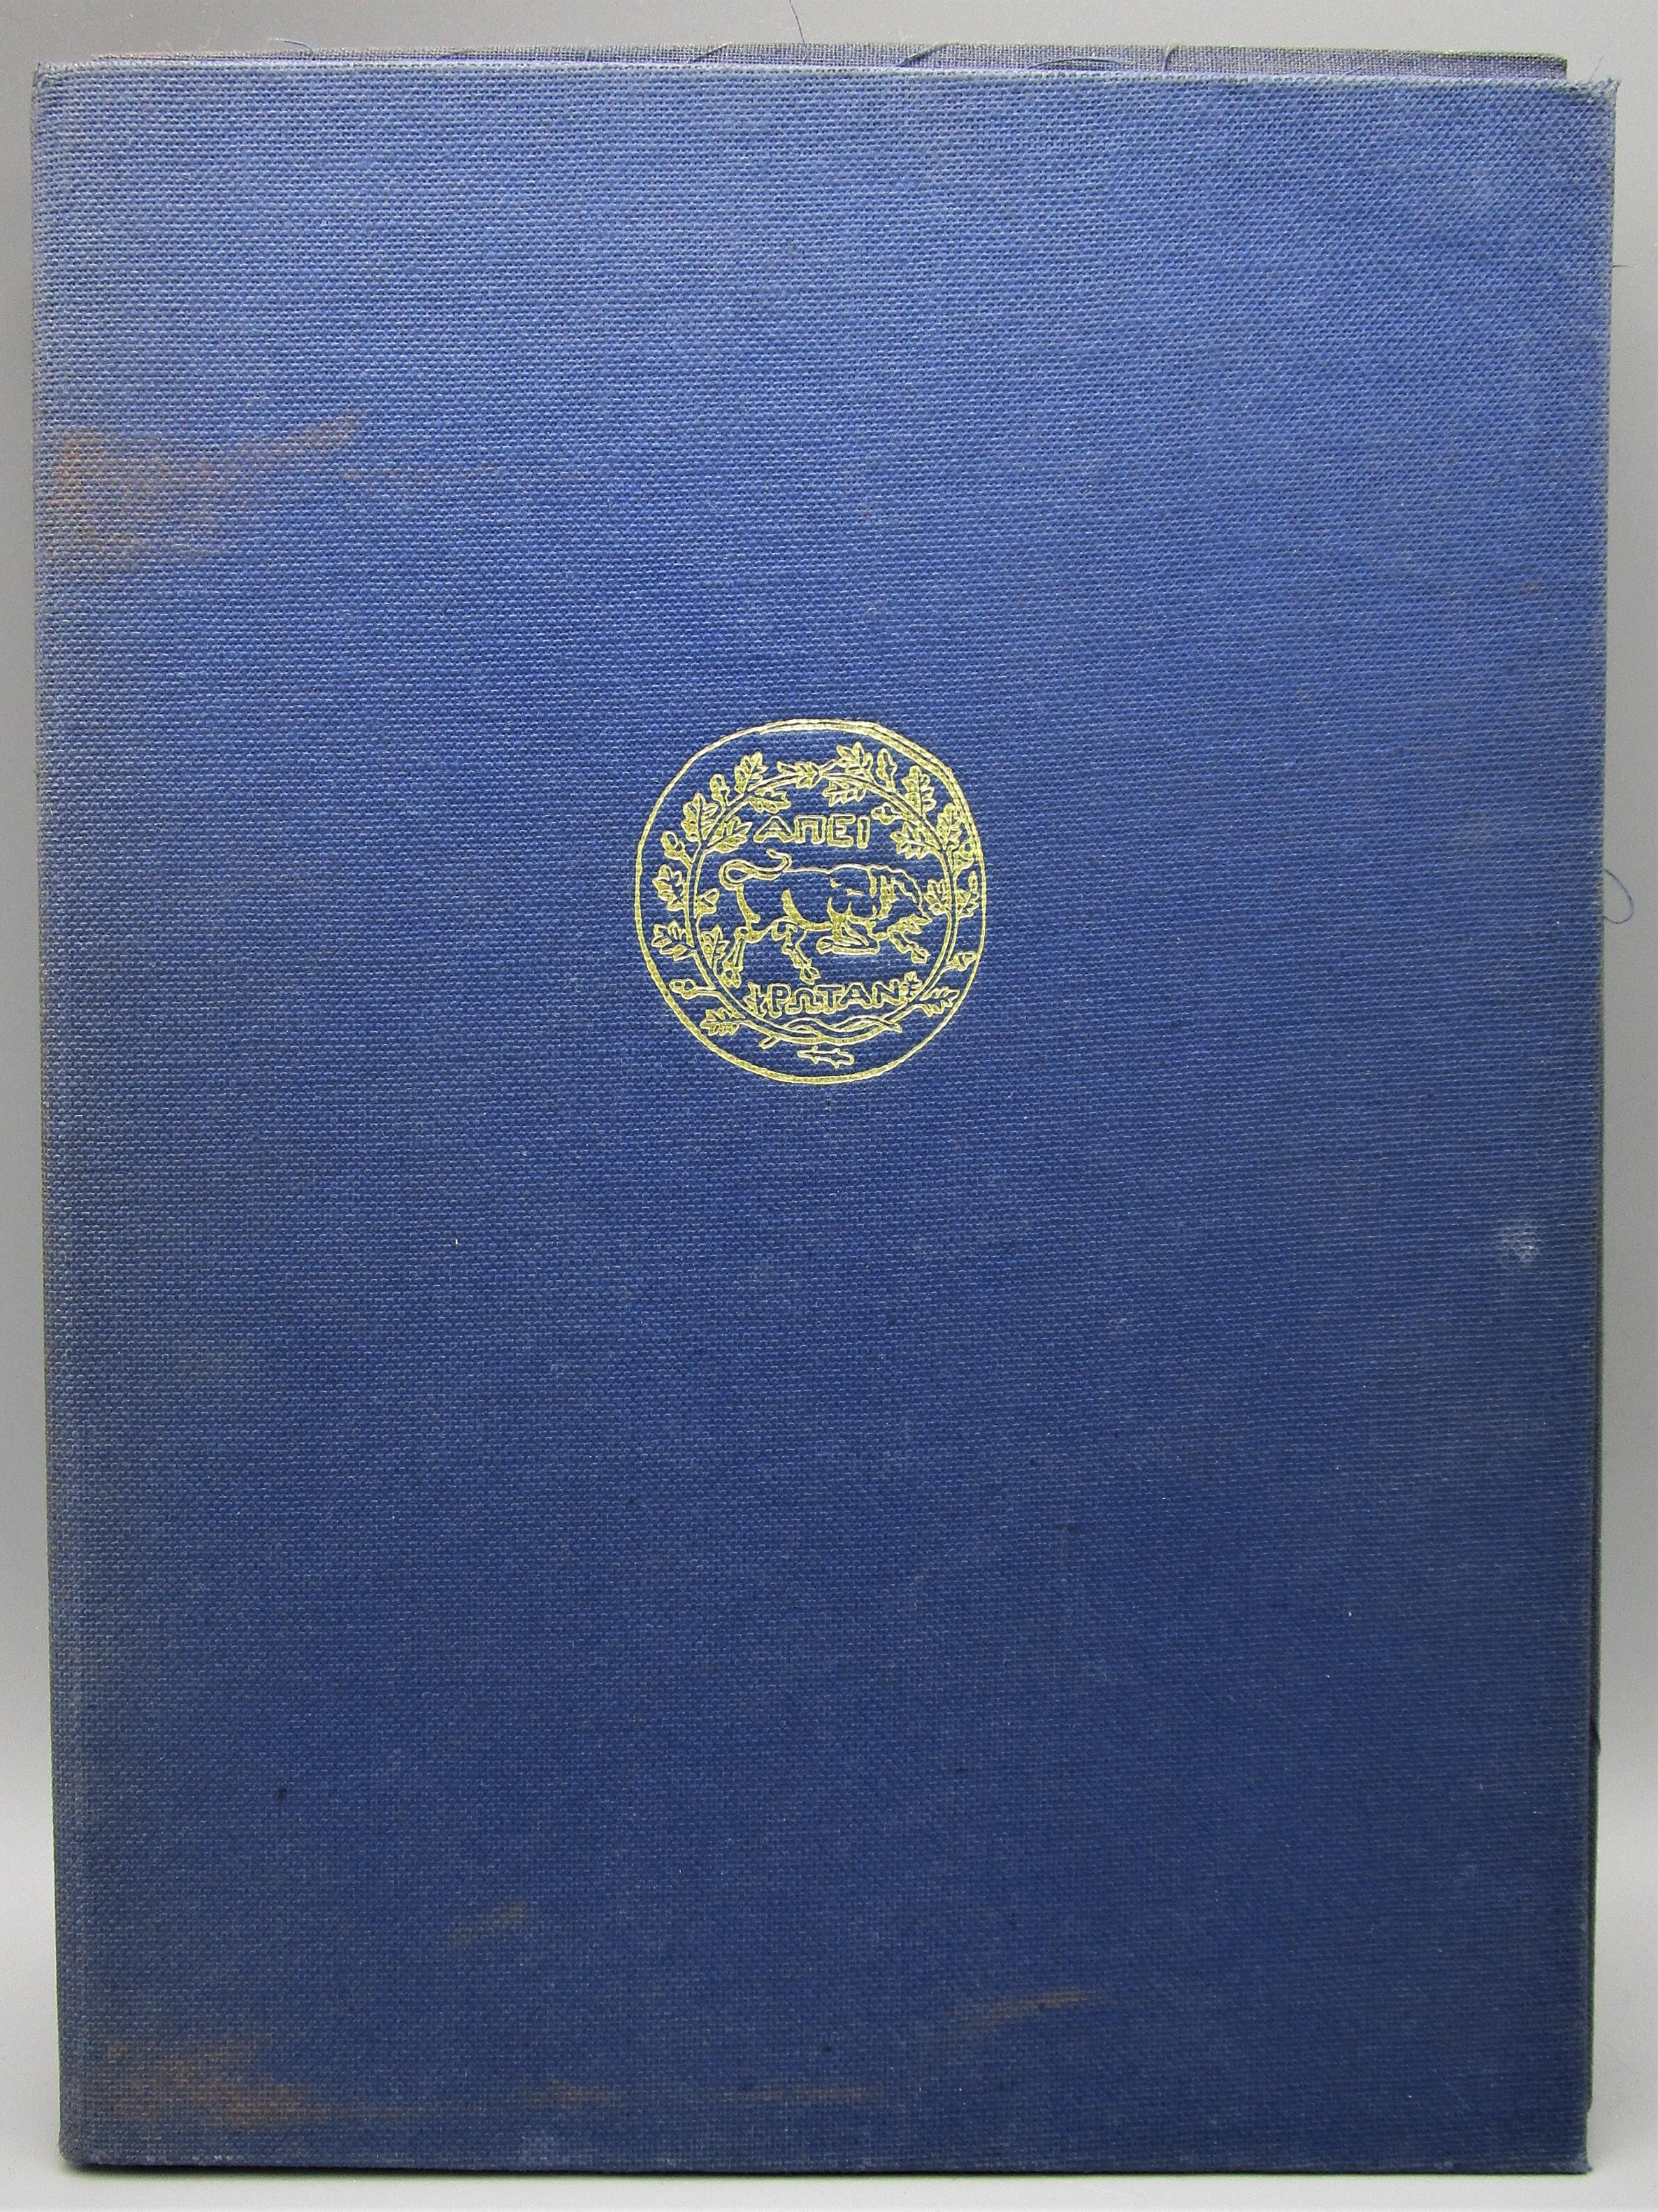 DIE ANTIKEN MUNZEN VON EPIRUS, by Peter Robert Franke - 1961 [Vol. 1]